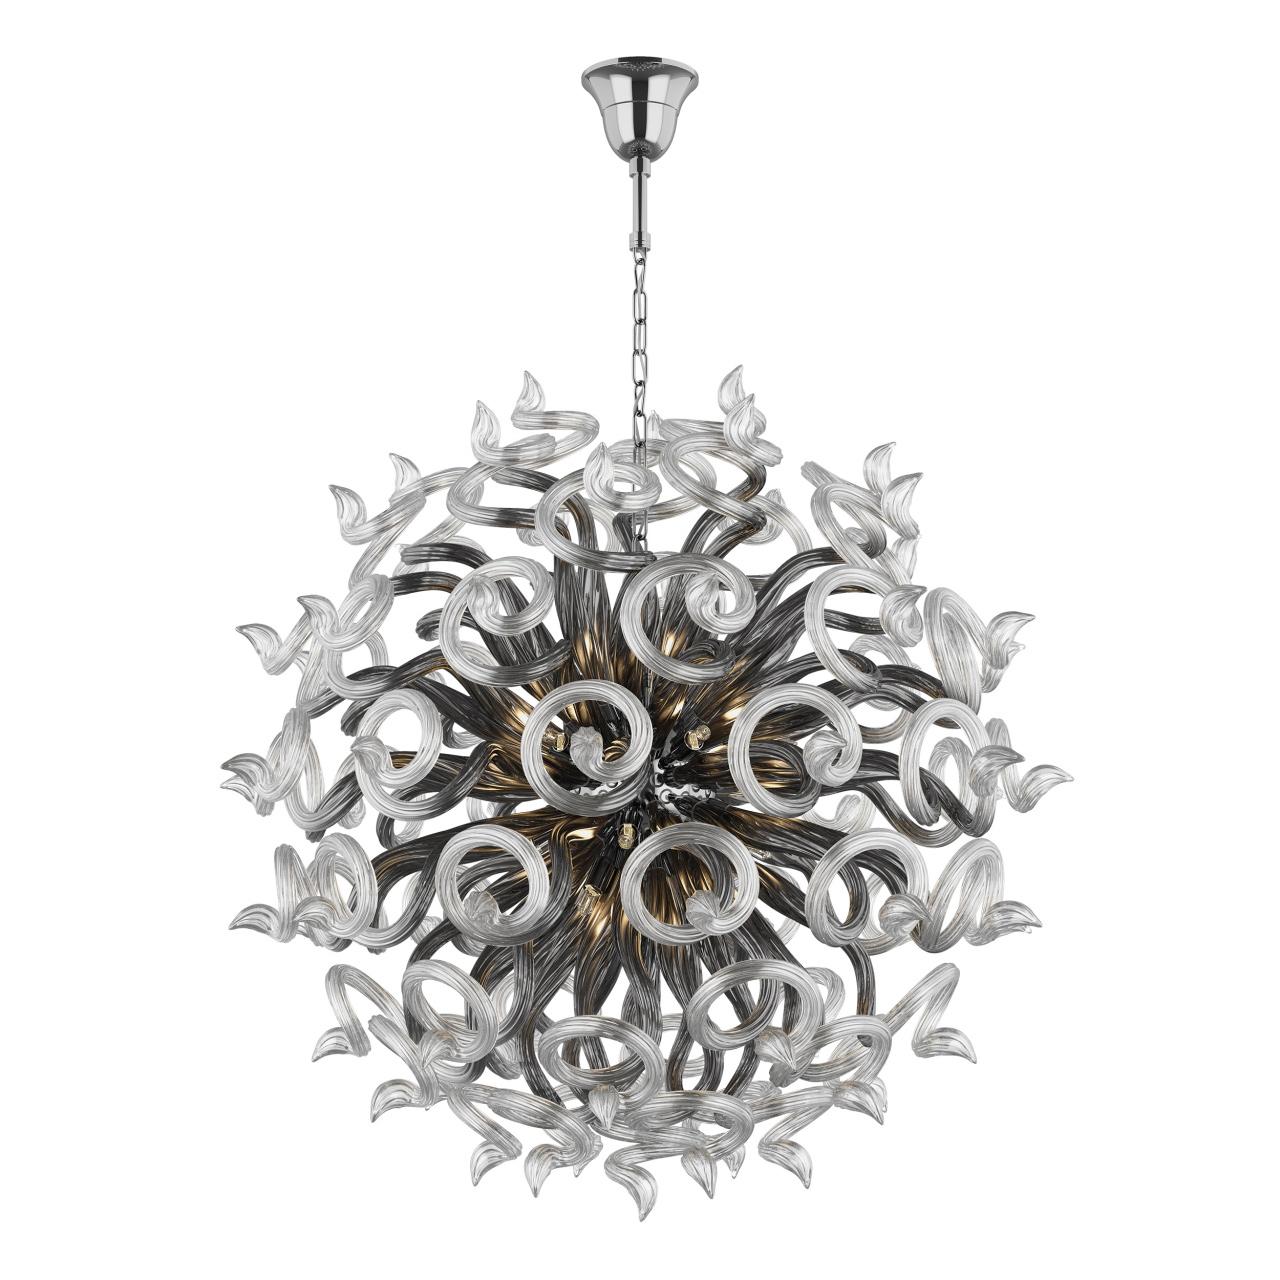 Люстра подвесная Medusa 18x40W G9 черный / прозрачный Lightstar 890189